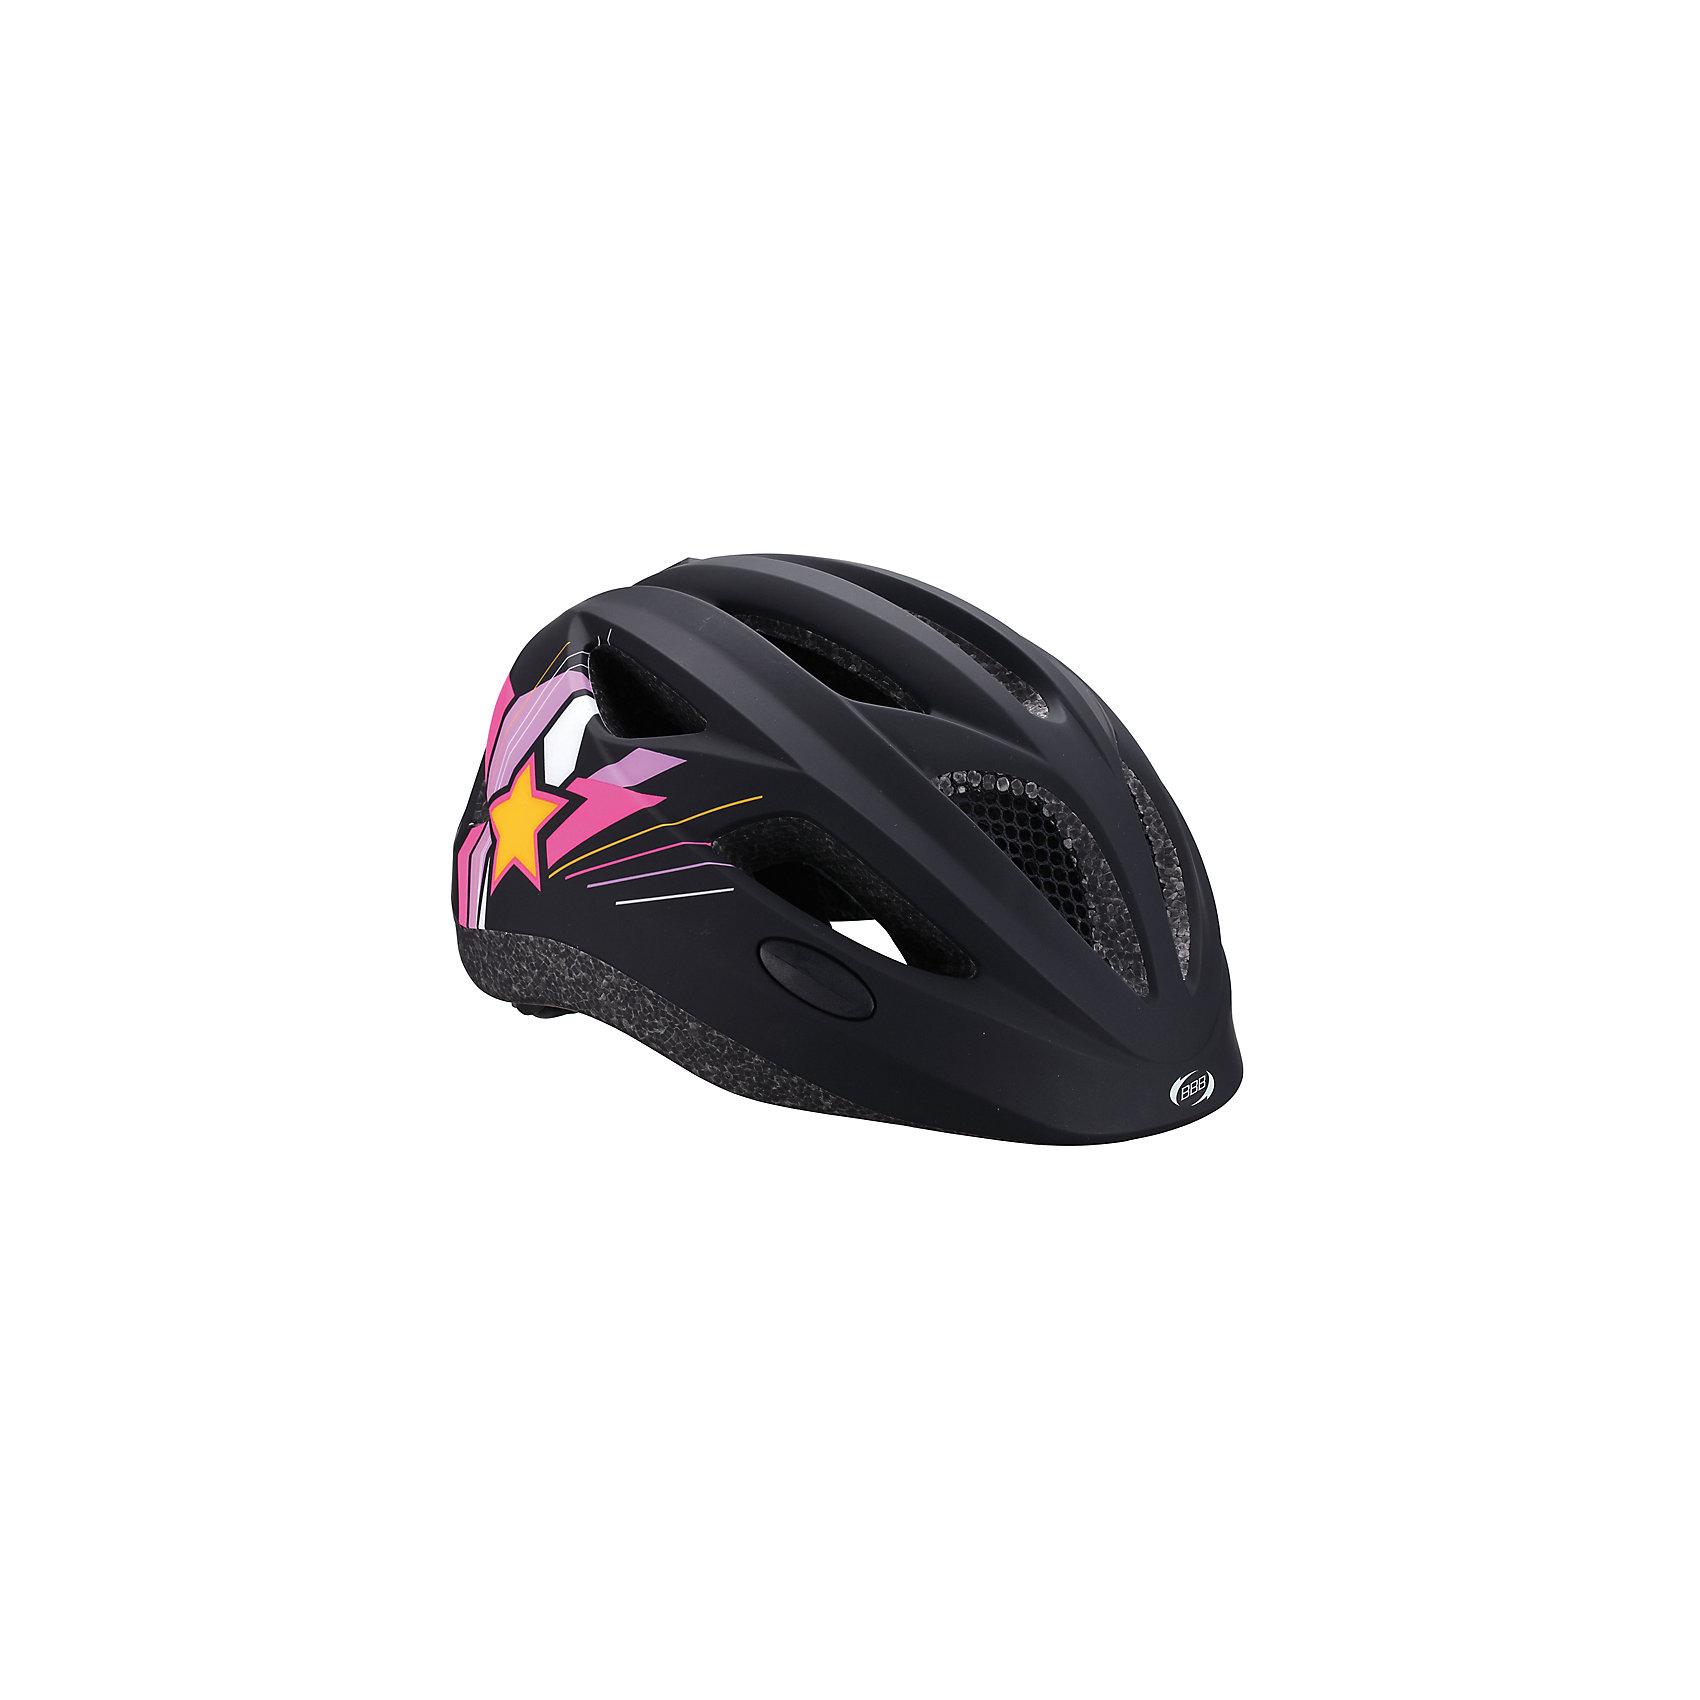 Летний шлем Hero звезды матово-черный, BBBЗащита, шлемы<br>Характеристики товара:<br><br>• 11 вентиляционных отверстий<br>• задние вентиляционные отверстия<br>• сетка - защищает от насекомых<br>• регулируемые ремни для совершенной и удобной посадки<br>• легкая регулировка TwistClose системы, можно регулировать одной рукой <br>• моющиеся антибактериальные накладки<br>• светоотражающие наклейки сзади<br>• страна производства: Тайвань<br><br>Безопасность превыше всего - девиз Hero. <br><br>Активный отдых на свежем воздухе - лучшее времяпрепровождение летом. Неважно, что выбрал ребенок: самокат, беговел или велосипед,  в любом случае, шлем необходим по правилам техники безопасности.<br><br>Летний шлем Hero звезды матово-черный можно купить в нашем интернет-магазине.<br><br>Ширина мм: 270<br>Глубина мм: 240<br>Высота мм: 180<br>Вес г: 500<br>Возраст от месяцев: 36<br>Возраст до месяцев: 144<br>Пол: Унисекс<br>Возраст: Детский<br>SKU: 5569388